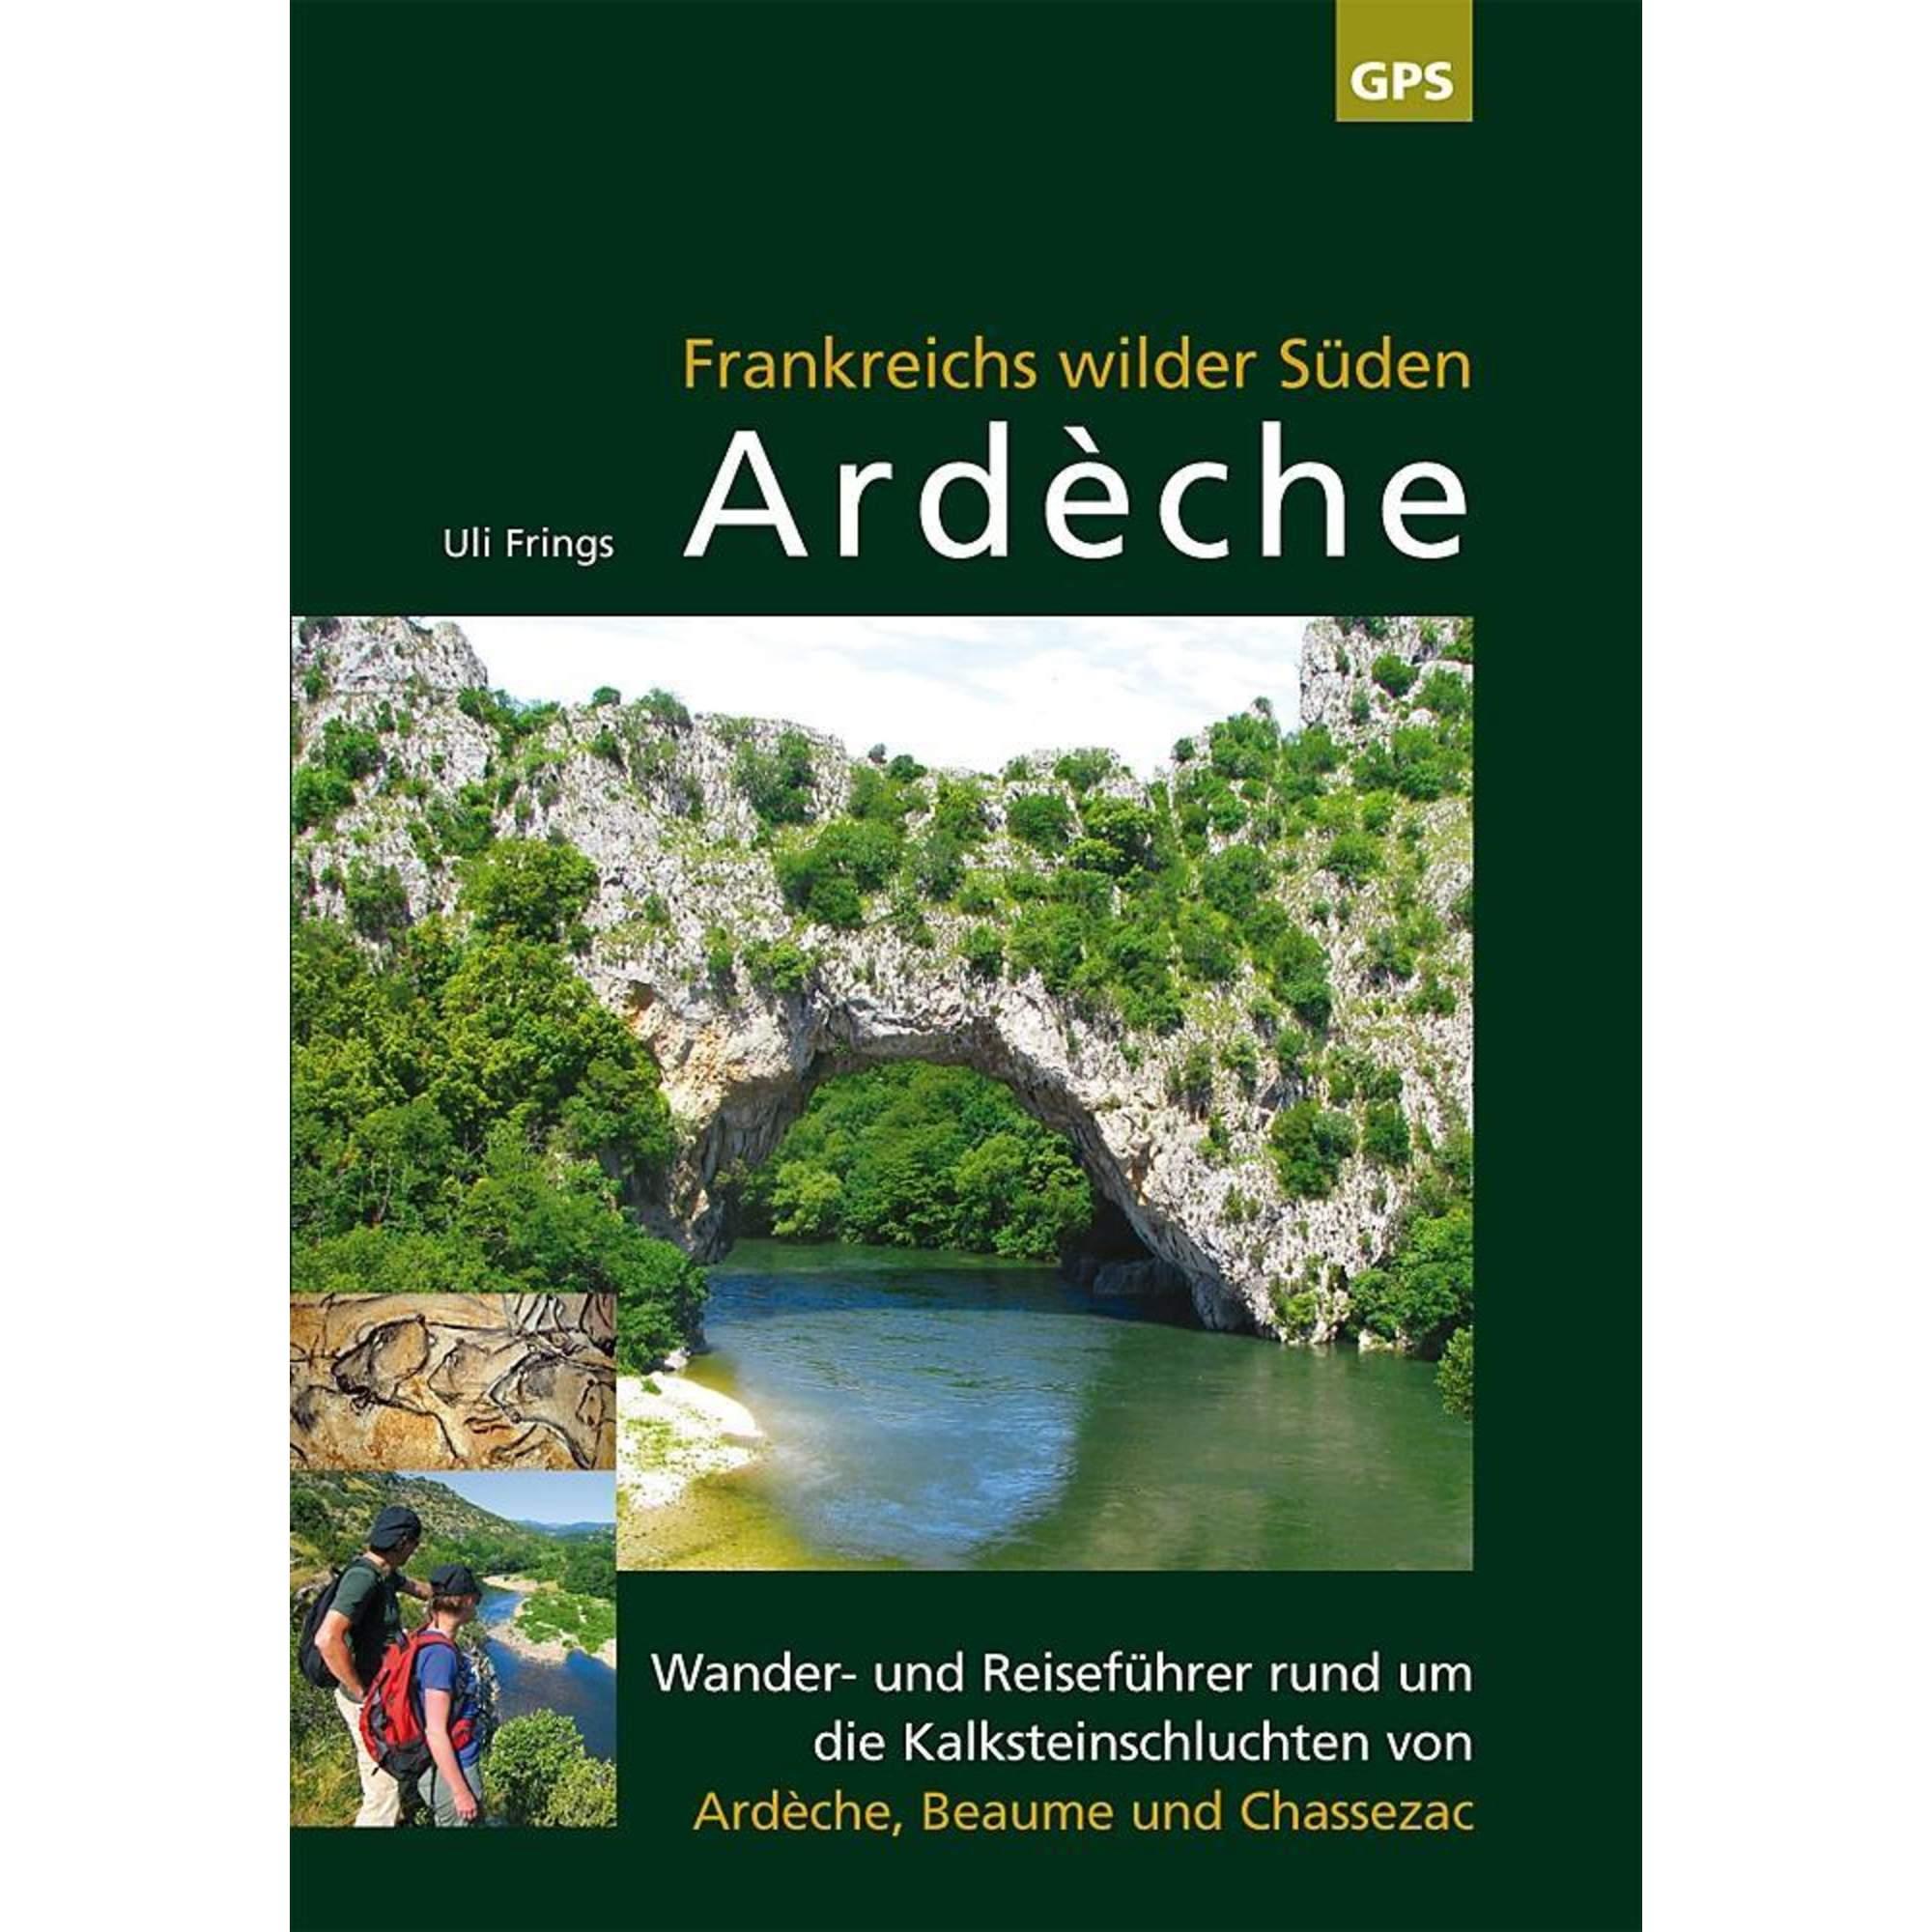 Ardèche, Frankreichs wilder Süden, 12,80 Euro